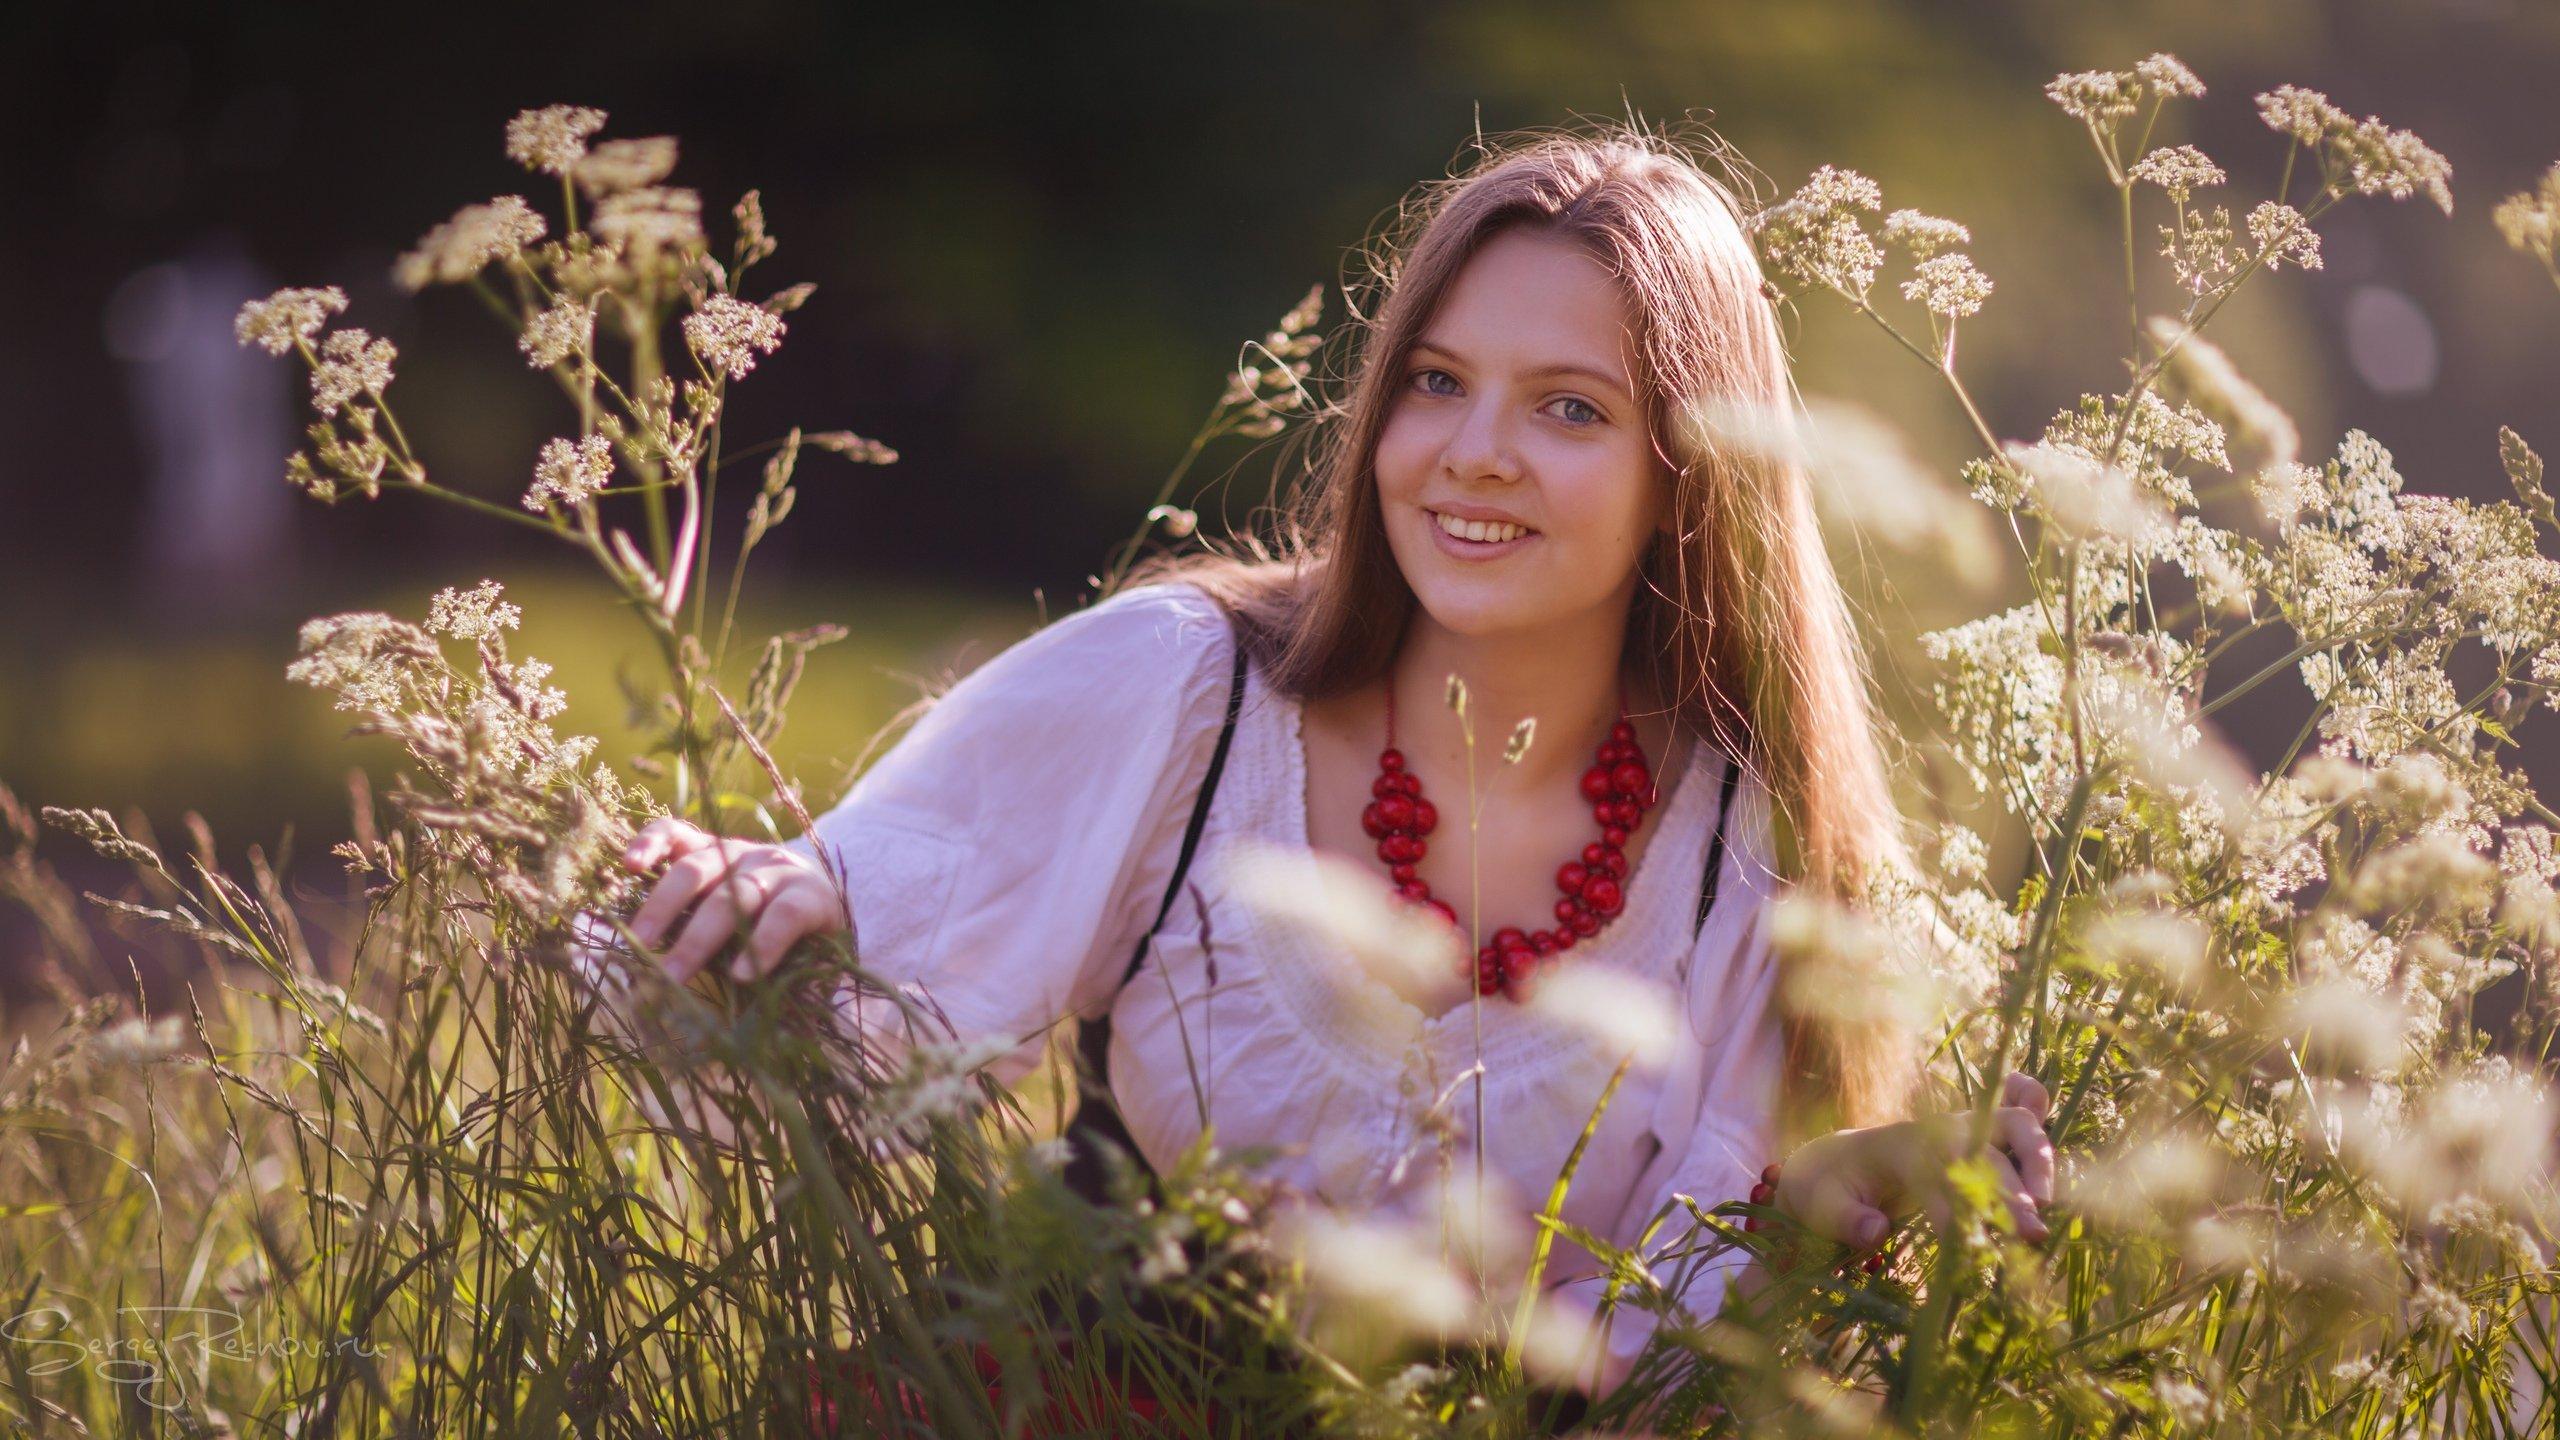 девушка, model, поле, цветы, рехов, сергейрехов, rekhov, sergejrekhov, Сергей Рехов